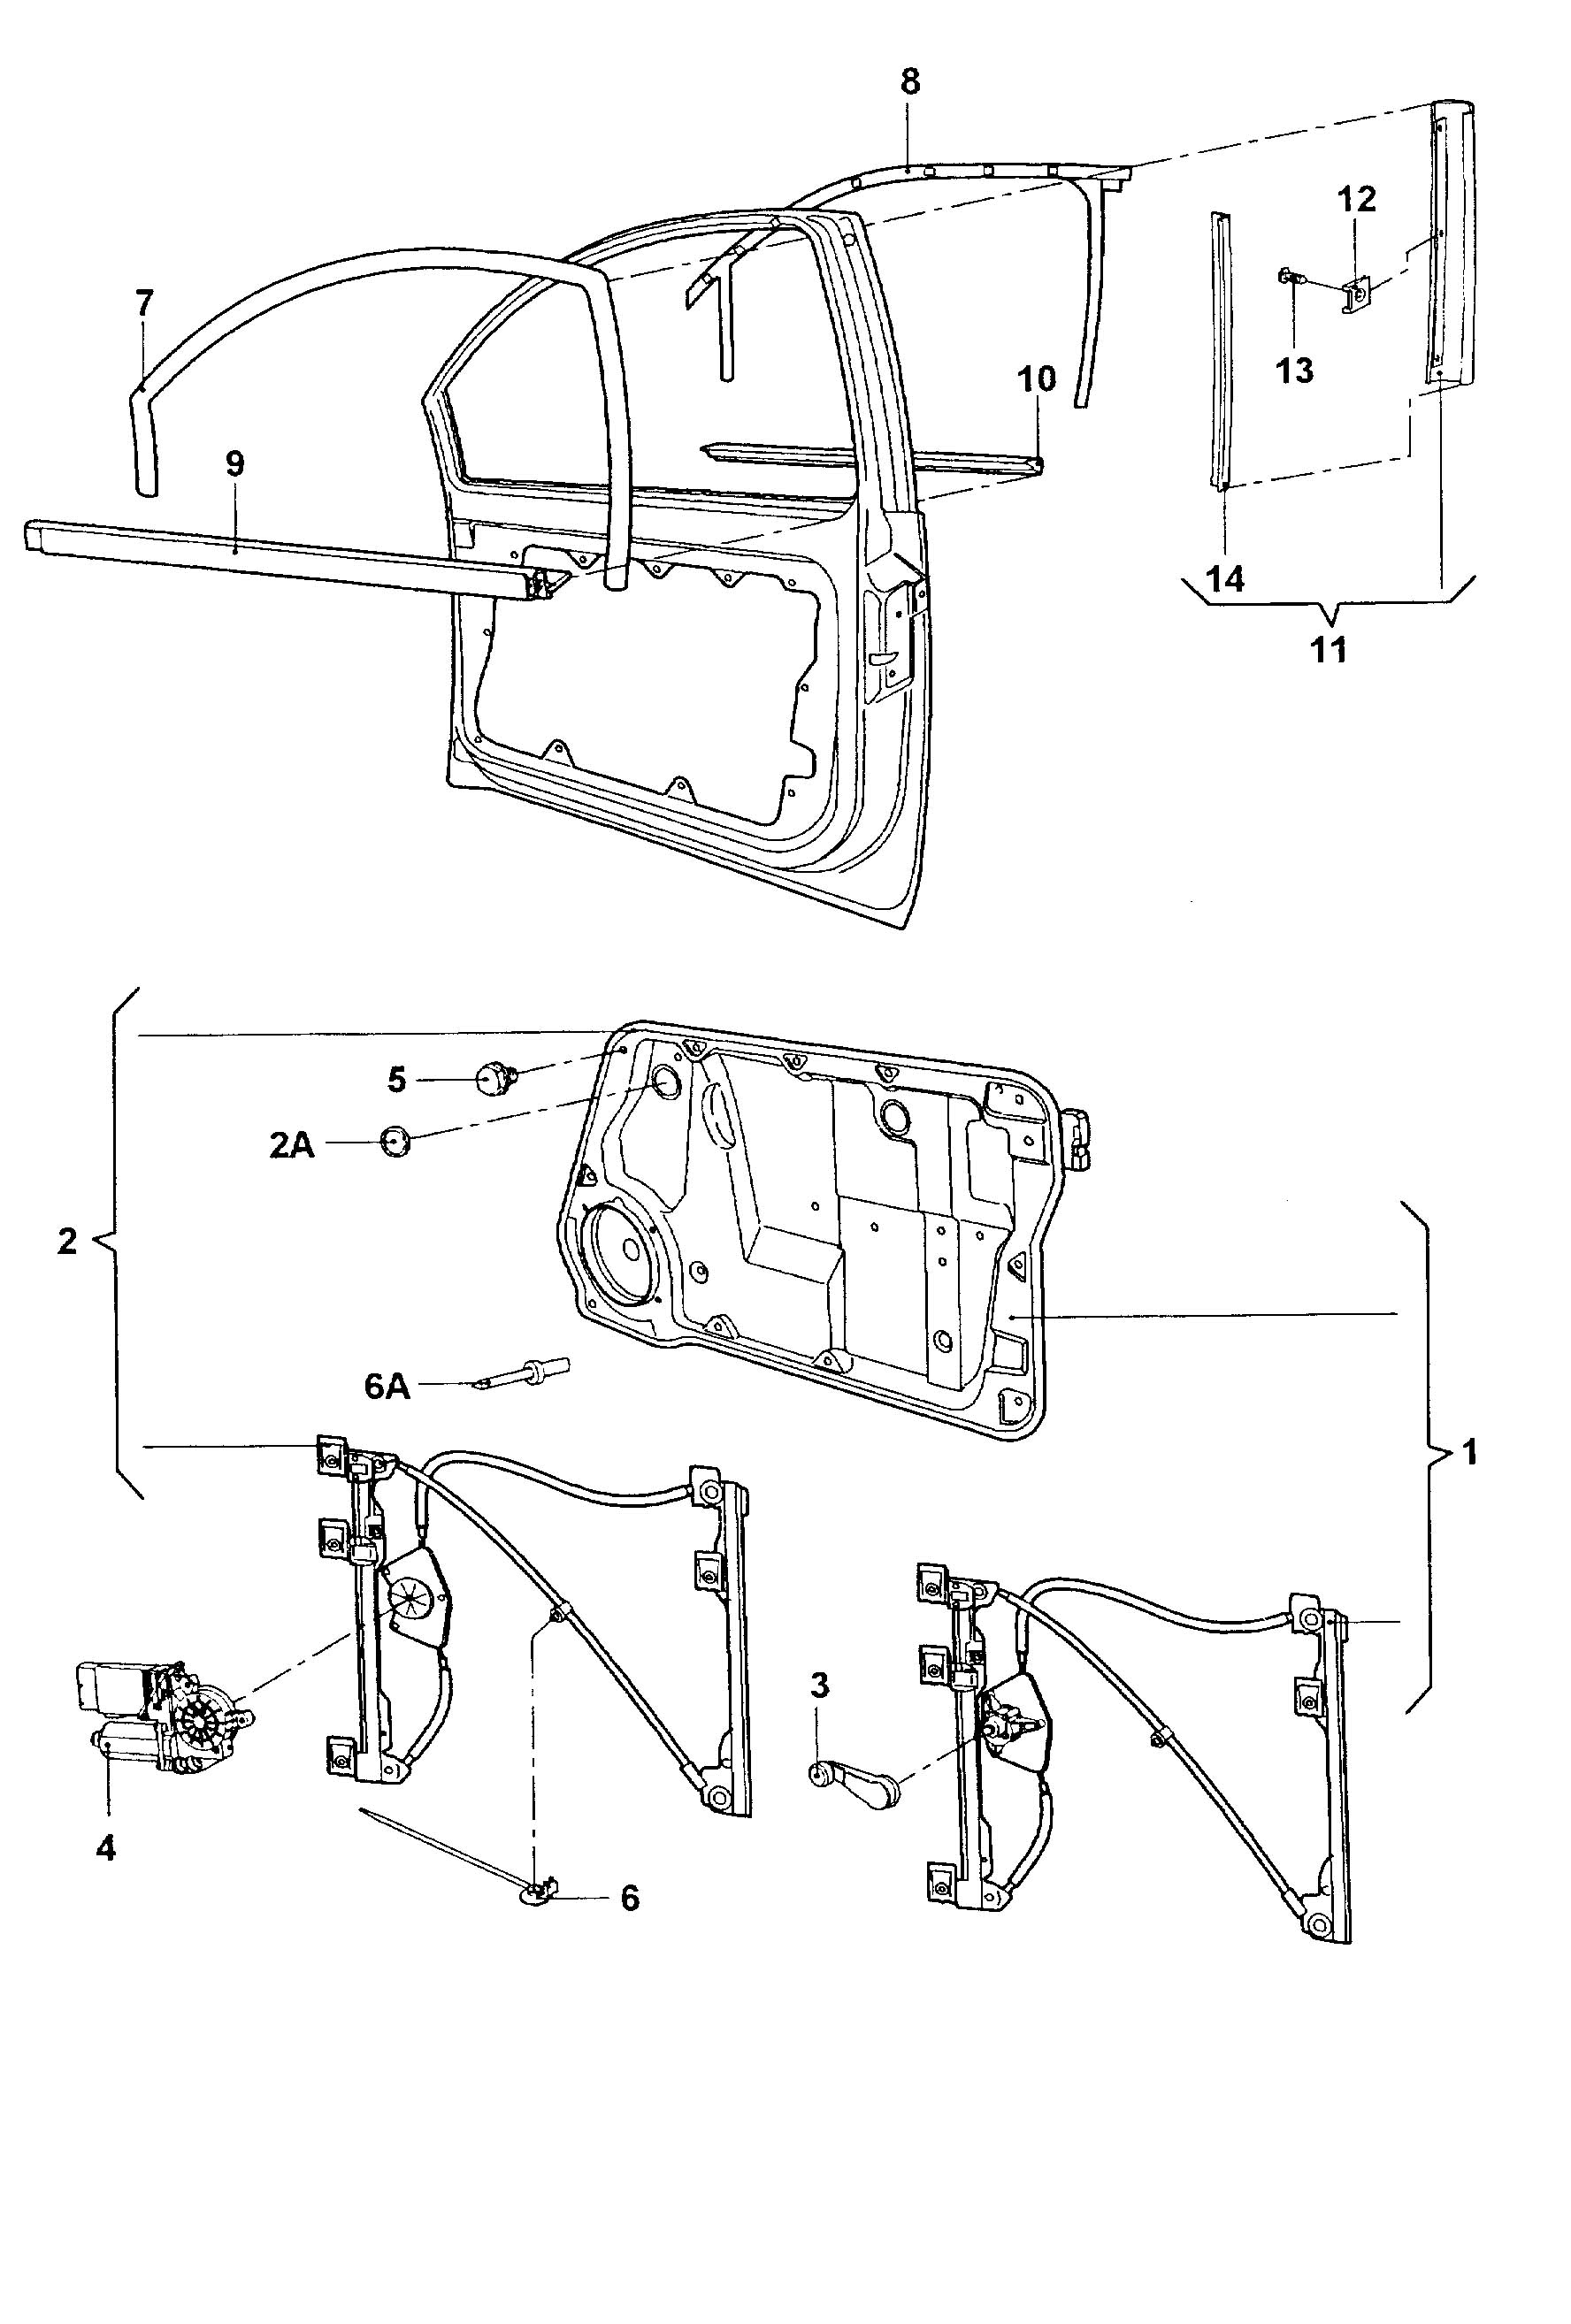 Volkswagen New Beetle Tensioning wire repair kit for